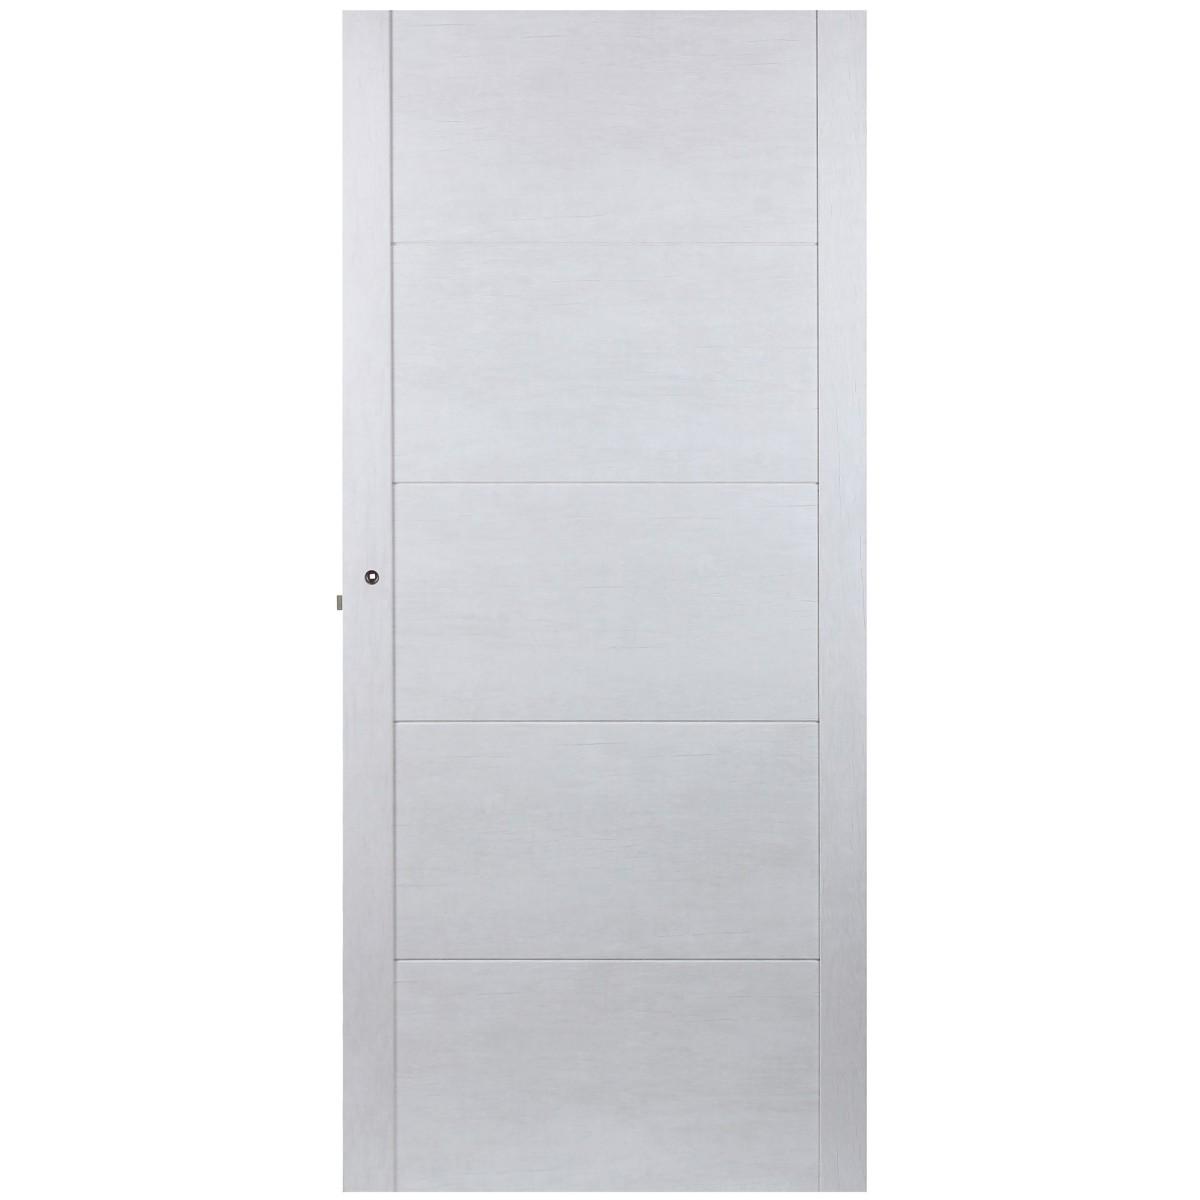 Дверь межкомнатная глухая Техно 90x200 см цвет серый дуб